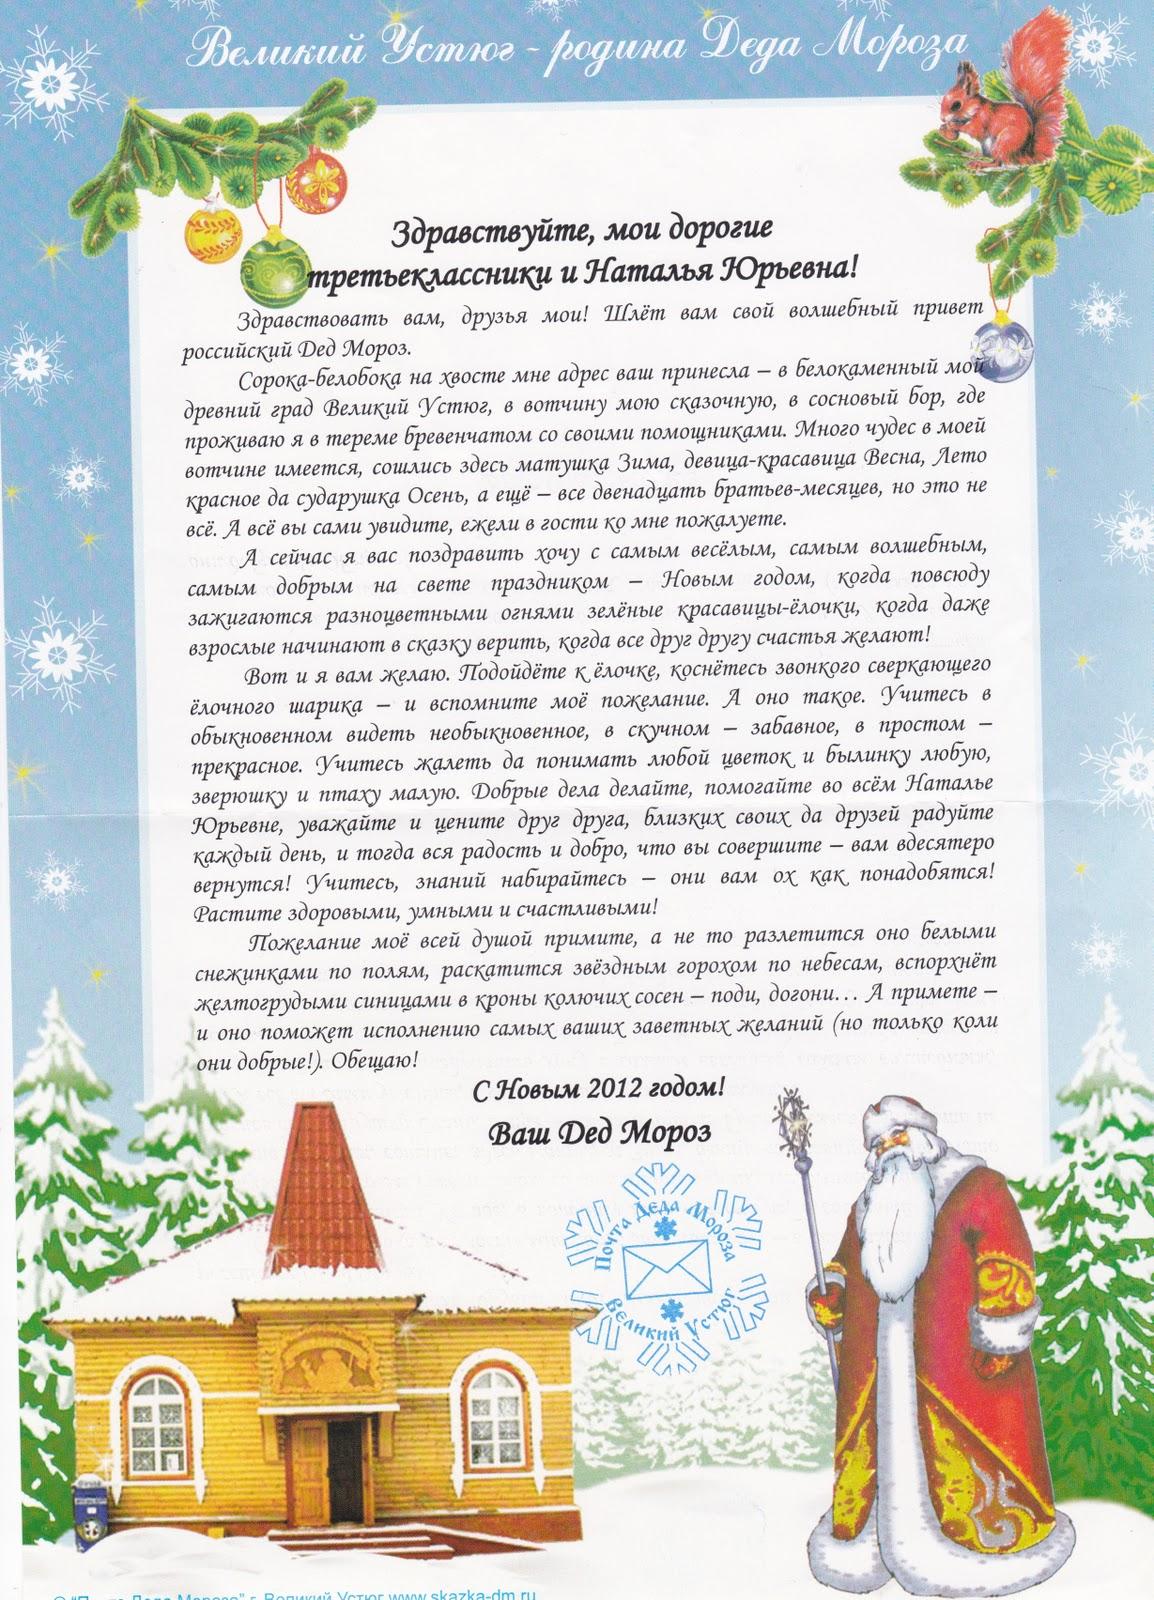 Новогодние поздравления от Деда Мороза и Снегурочки 8